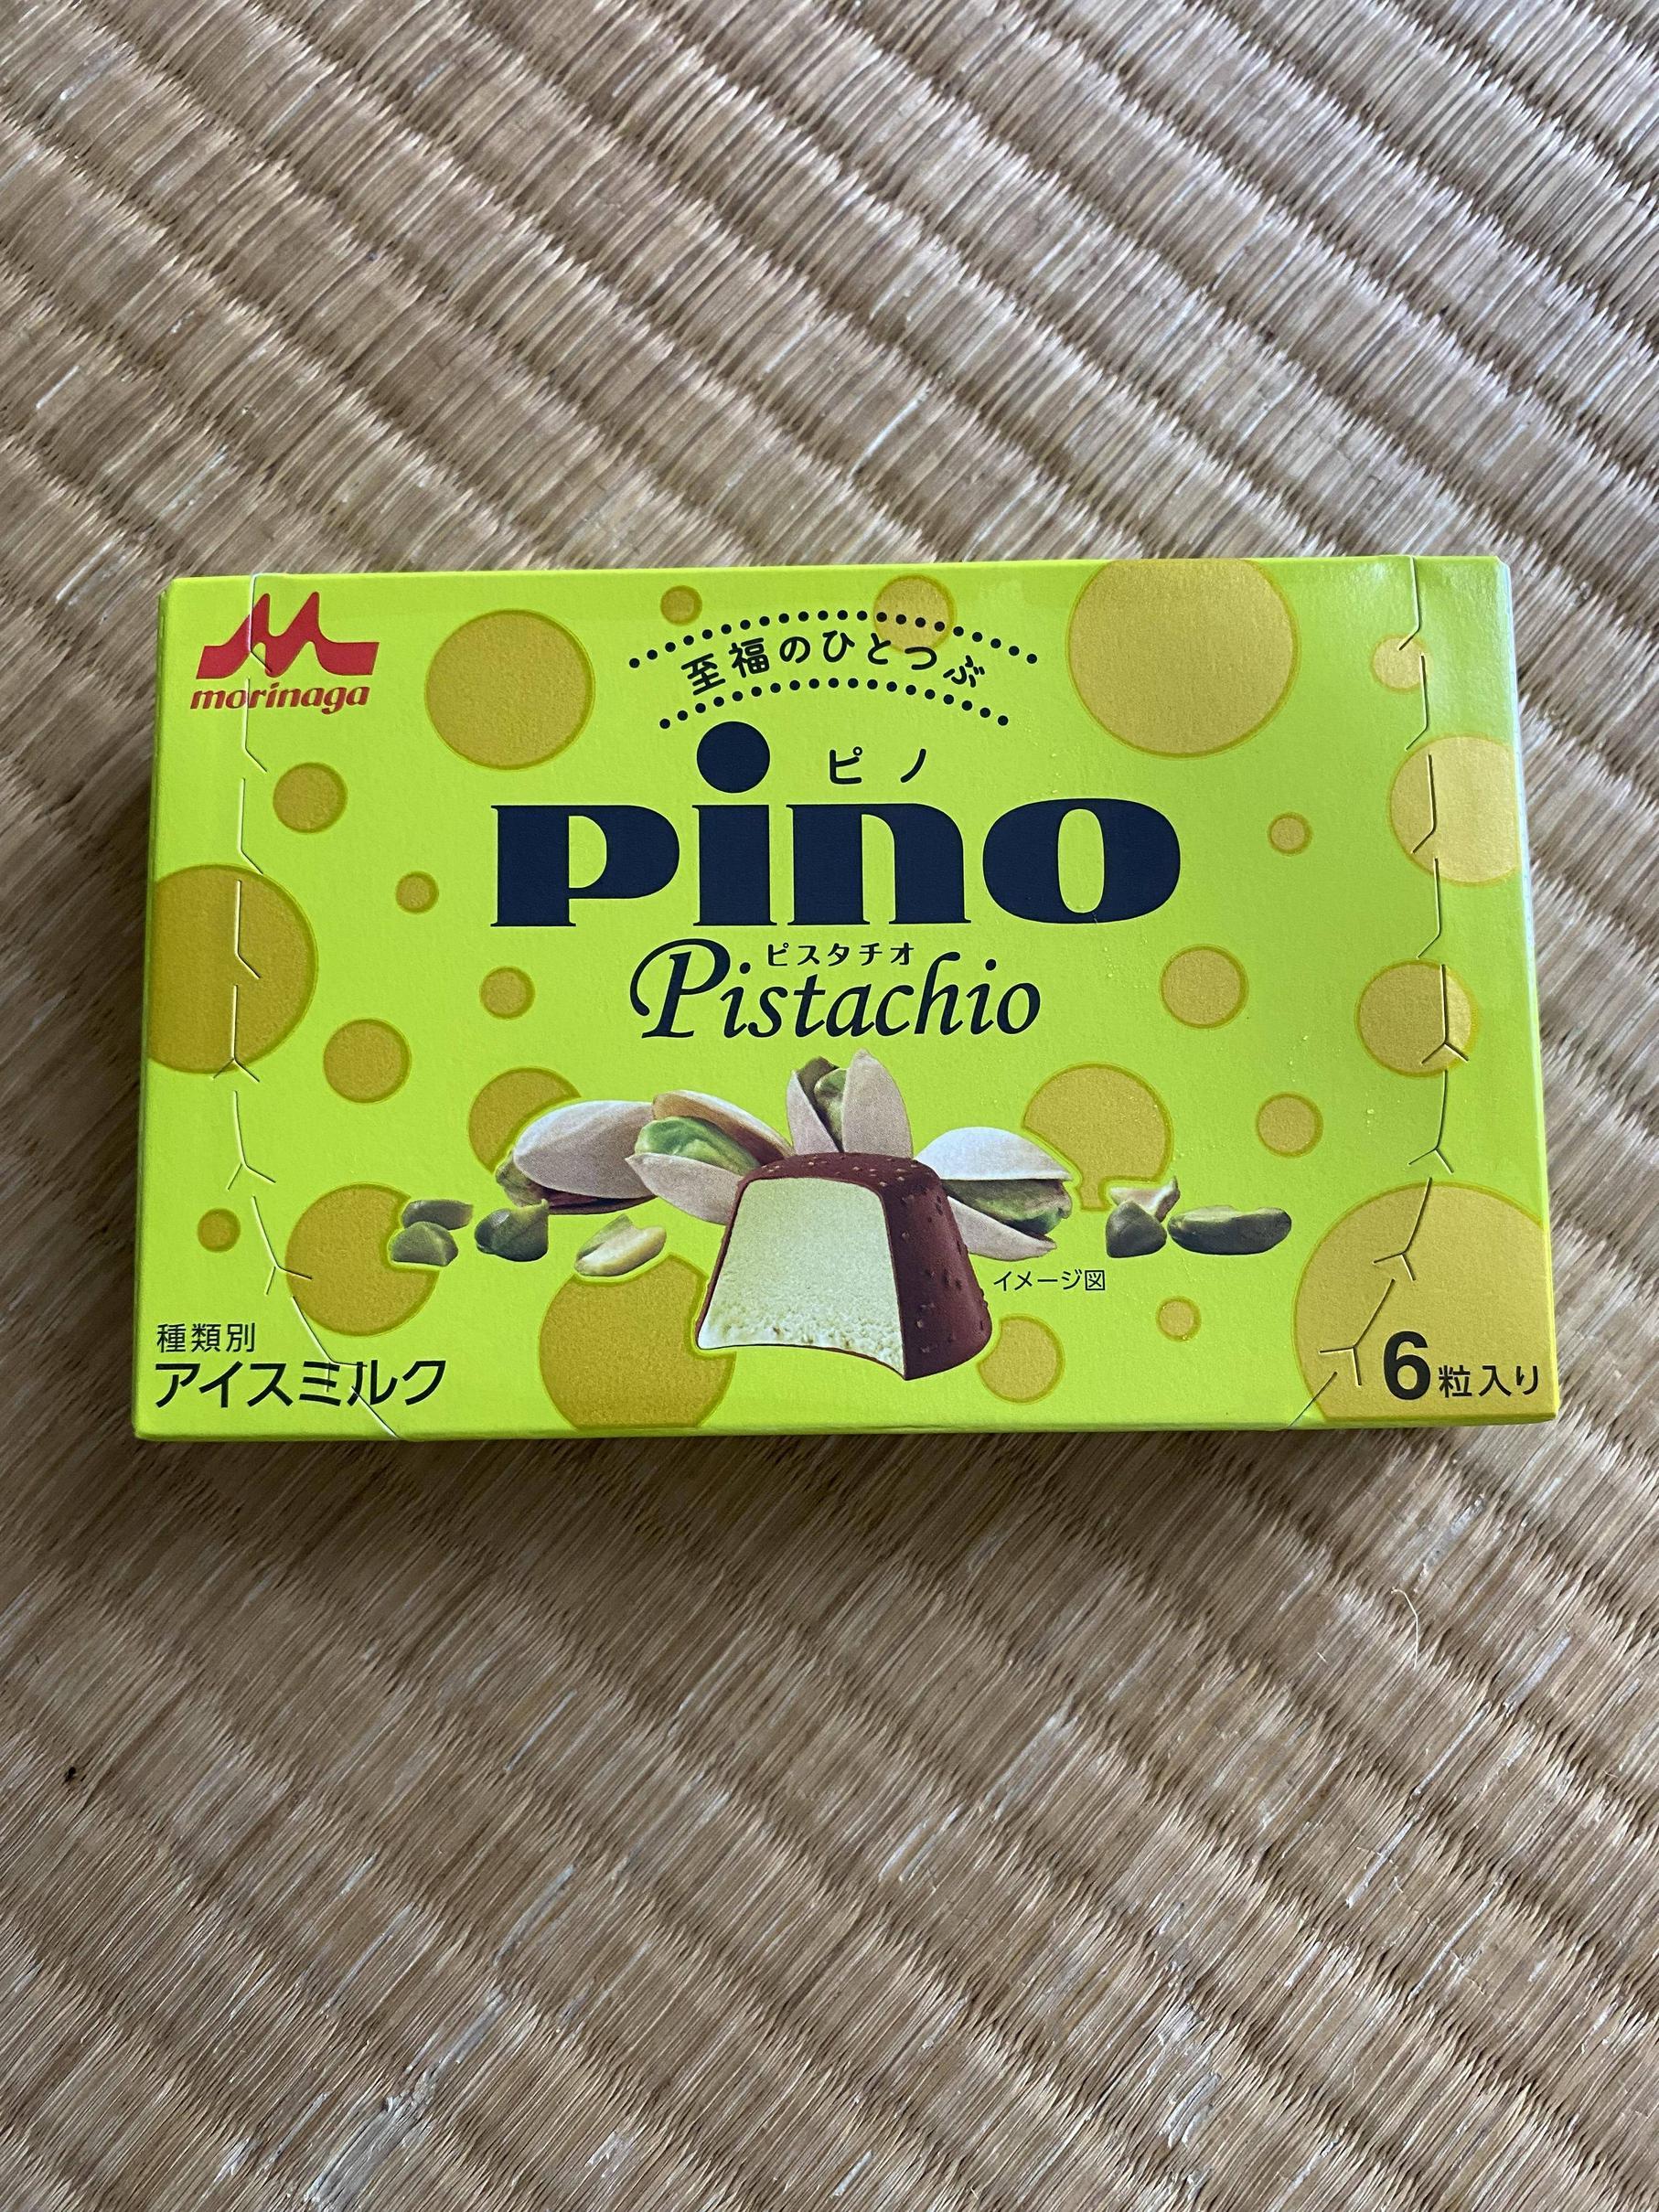 (´・ω・`)ニートだけどアイス買ってきたよ